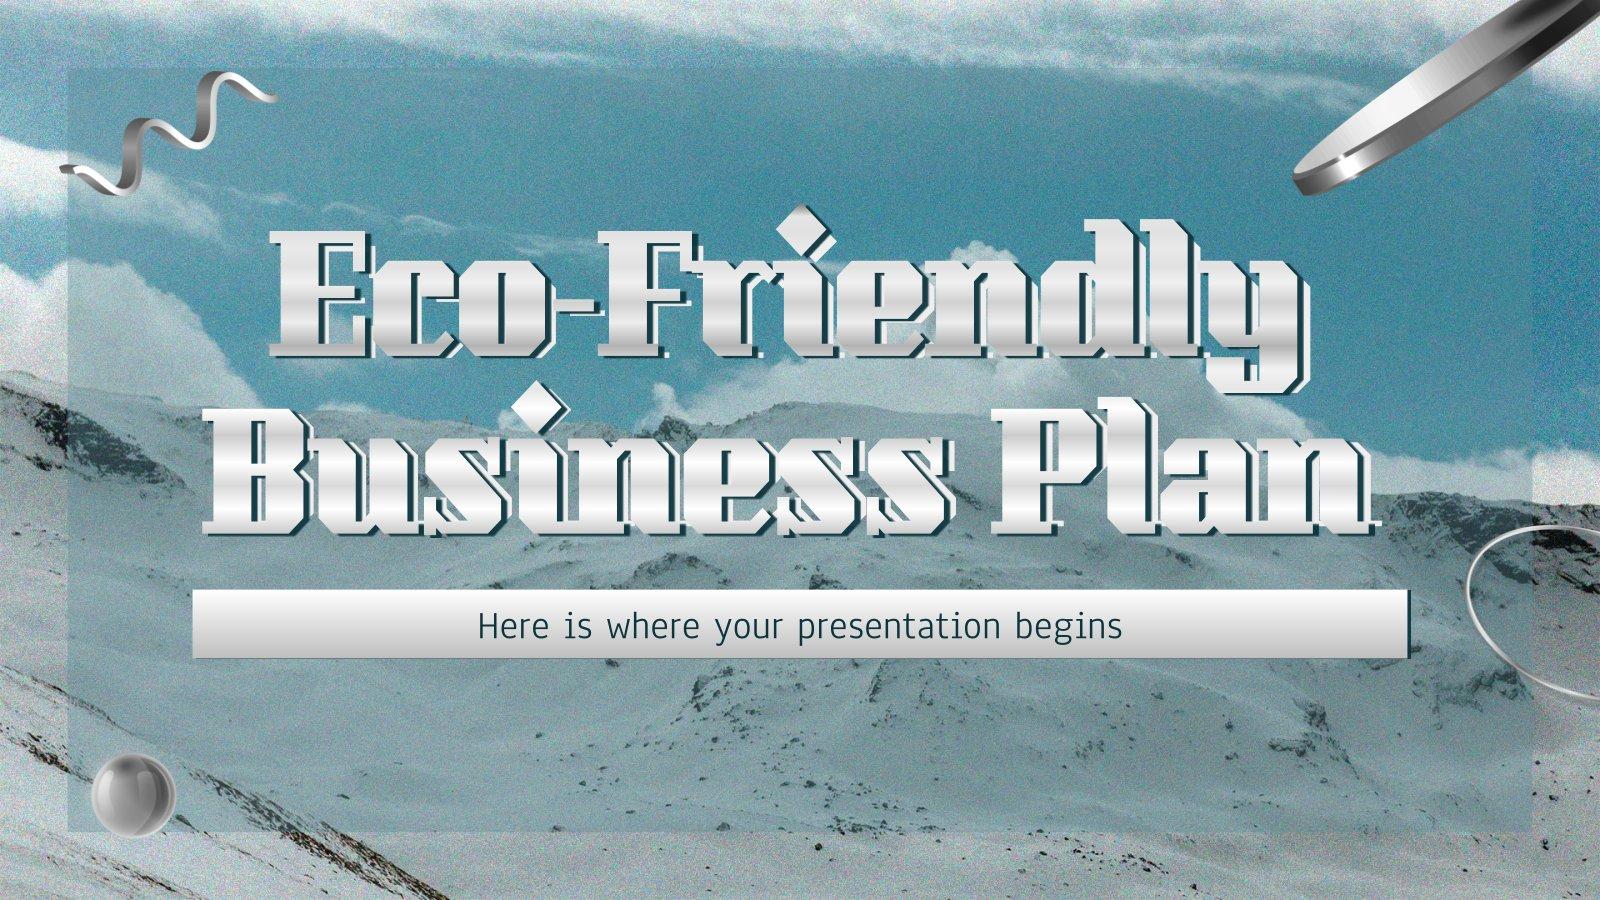 Modelo de apresentação Plano de negócios ecológico